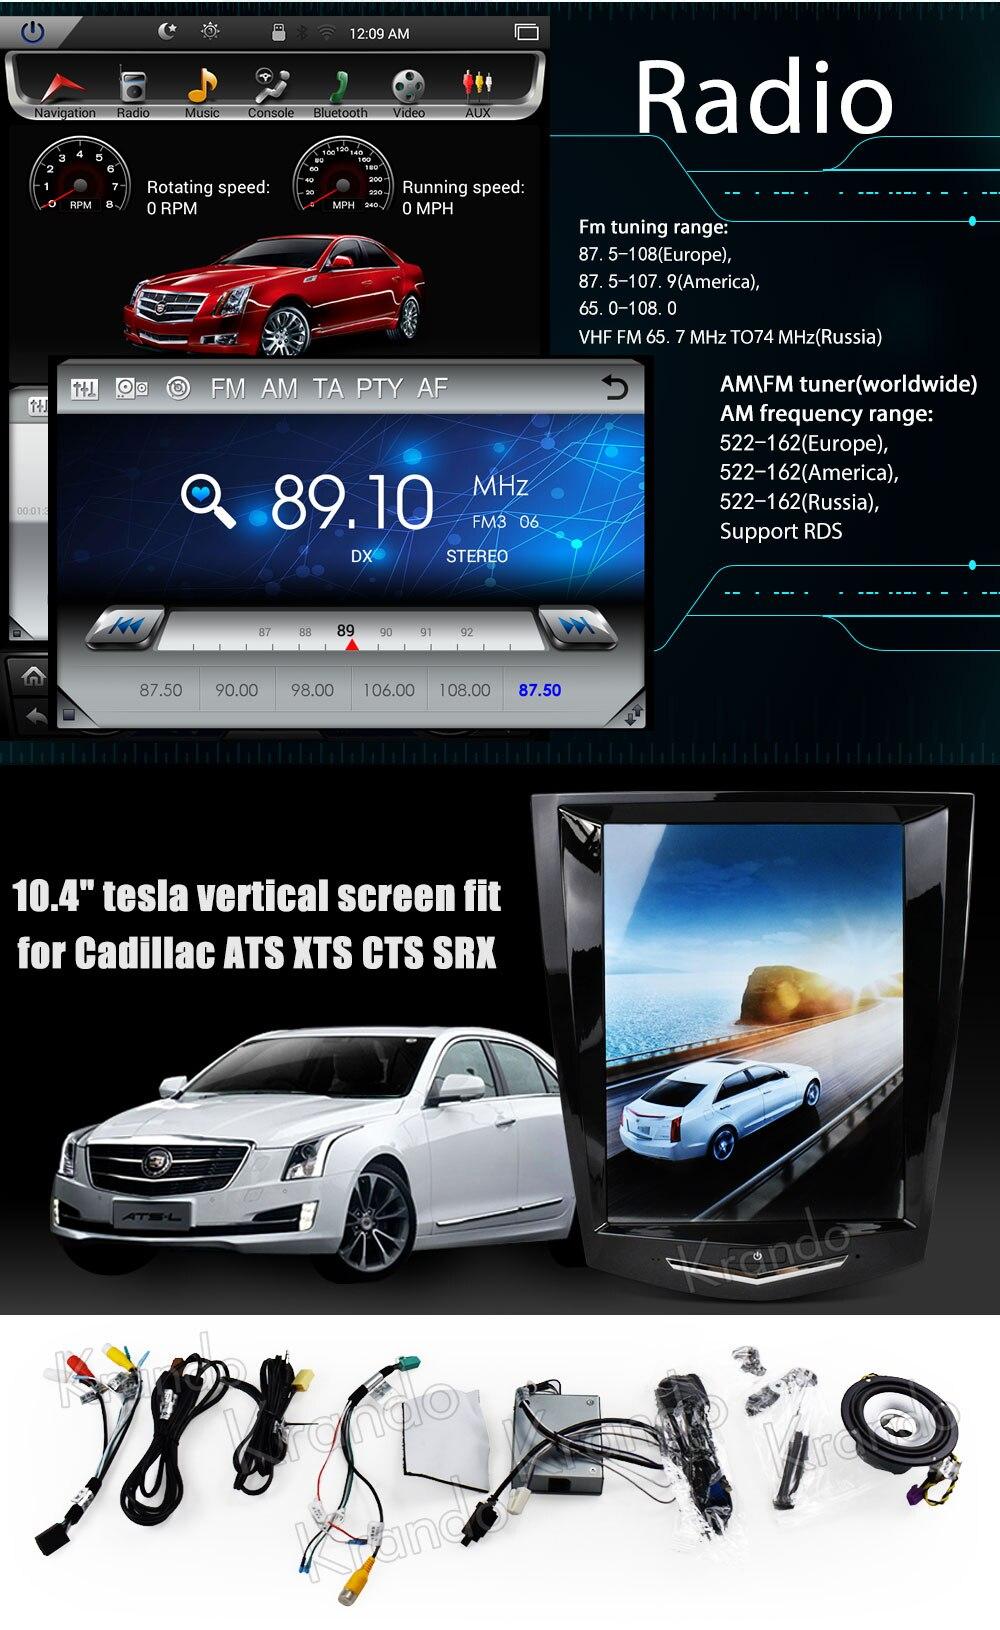 Cadillac ATS XTS CTS SRX 10.4 CK (11)